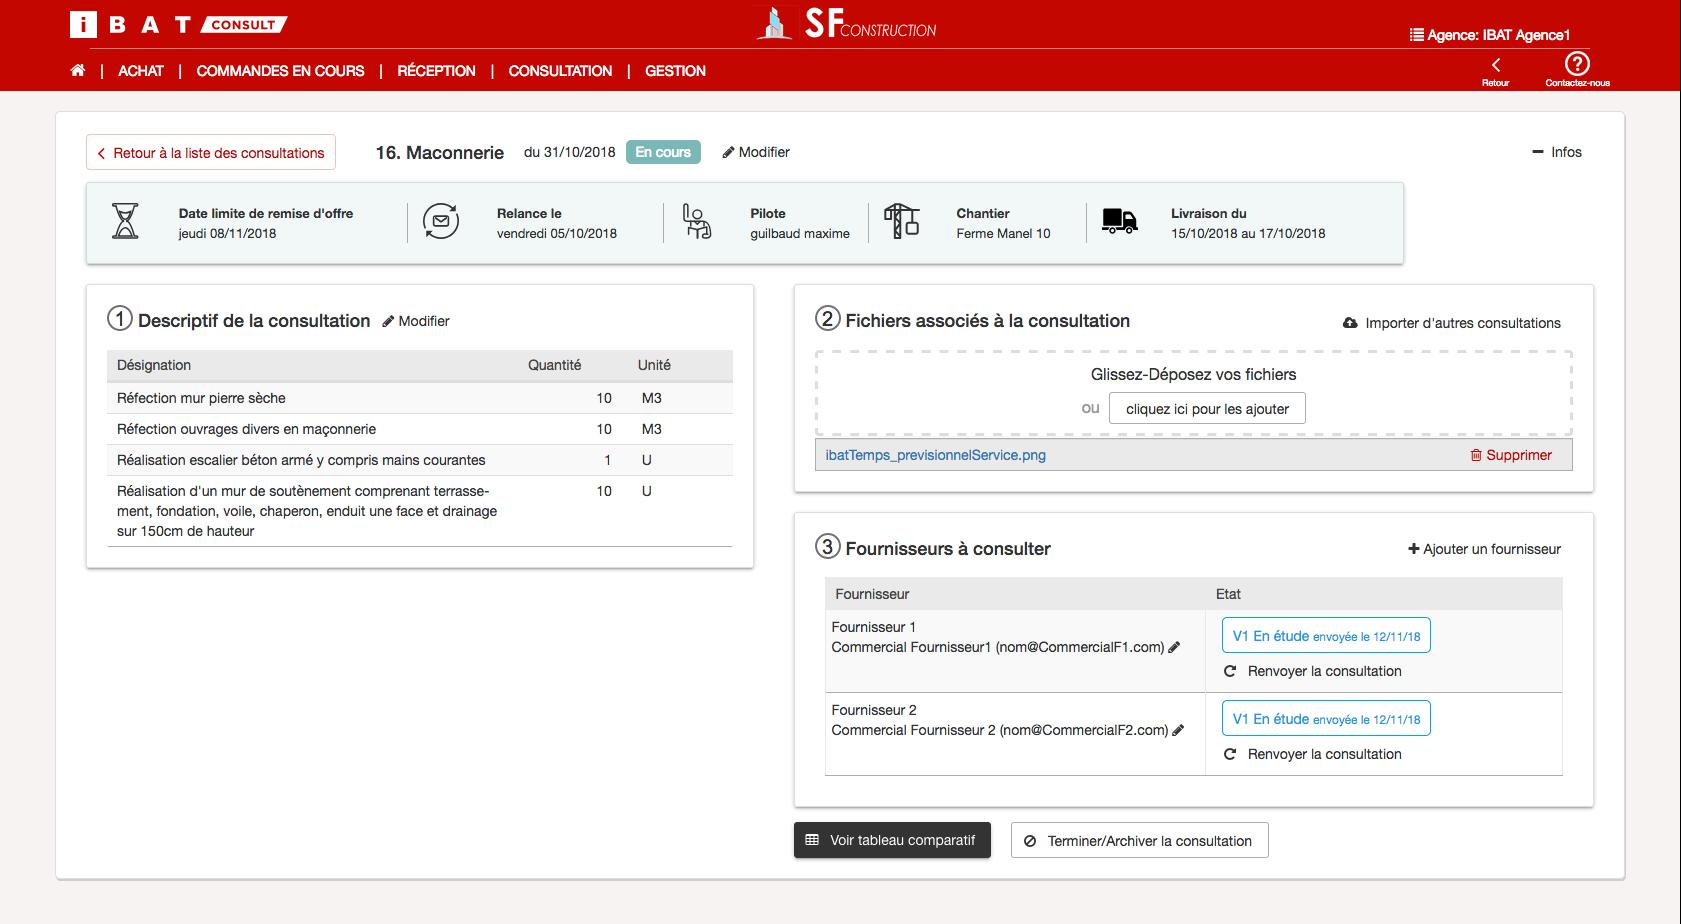 IBAT Consult-screen_consult_12.11